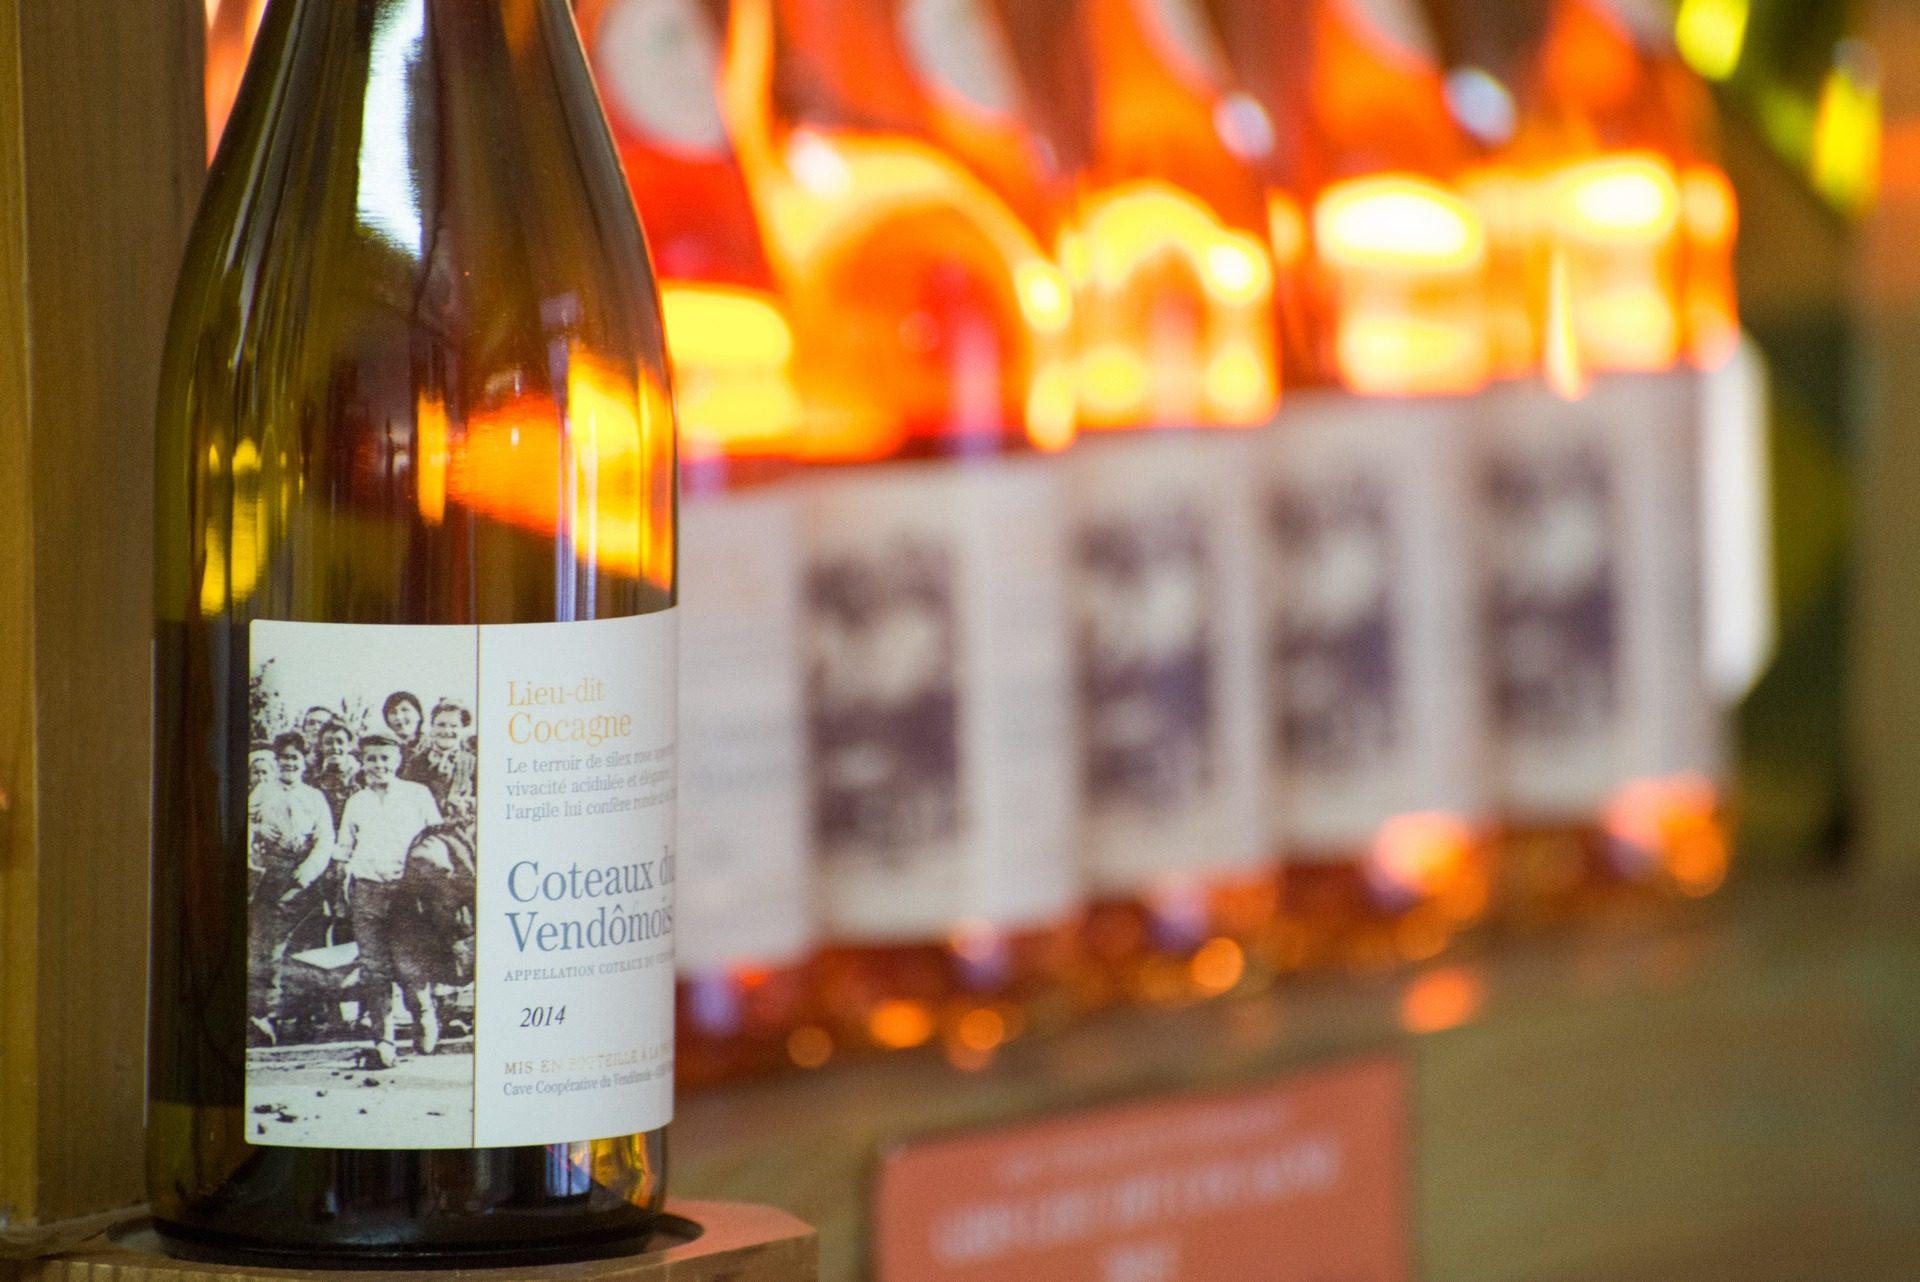 Vins AOC Coteaux du Vendômois